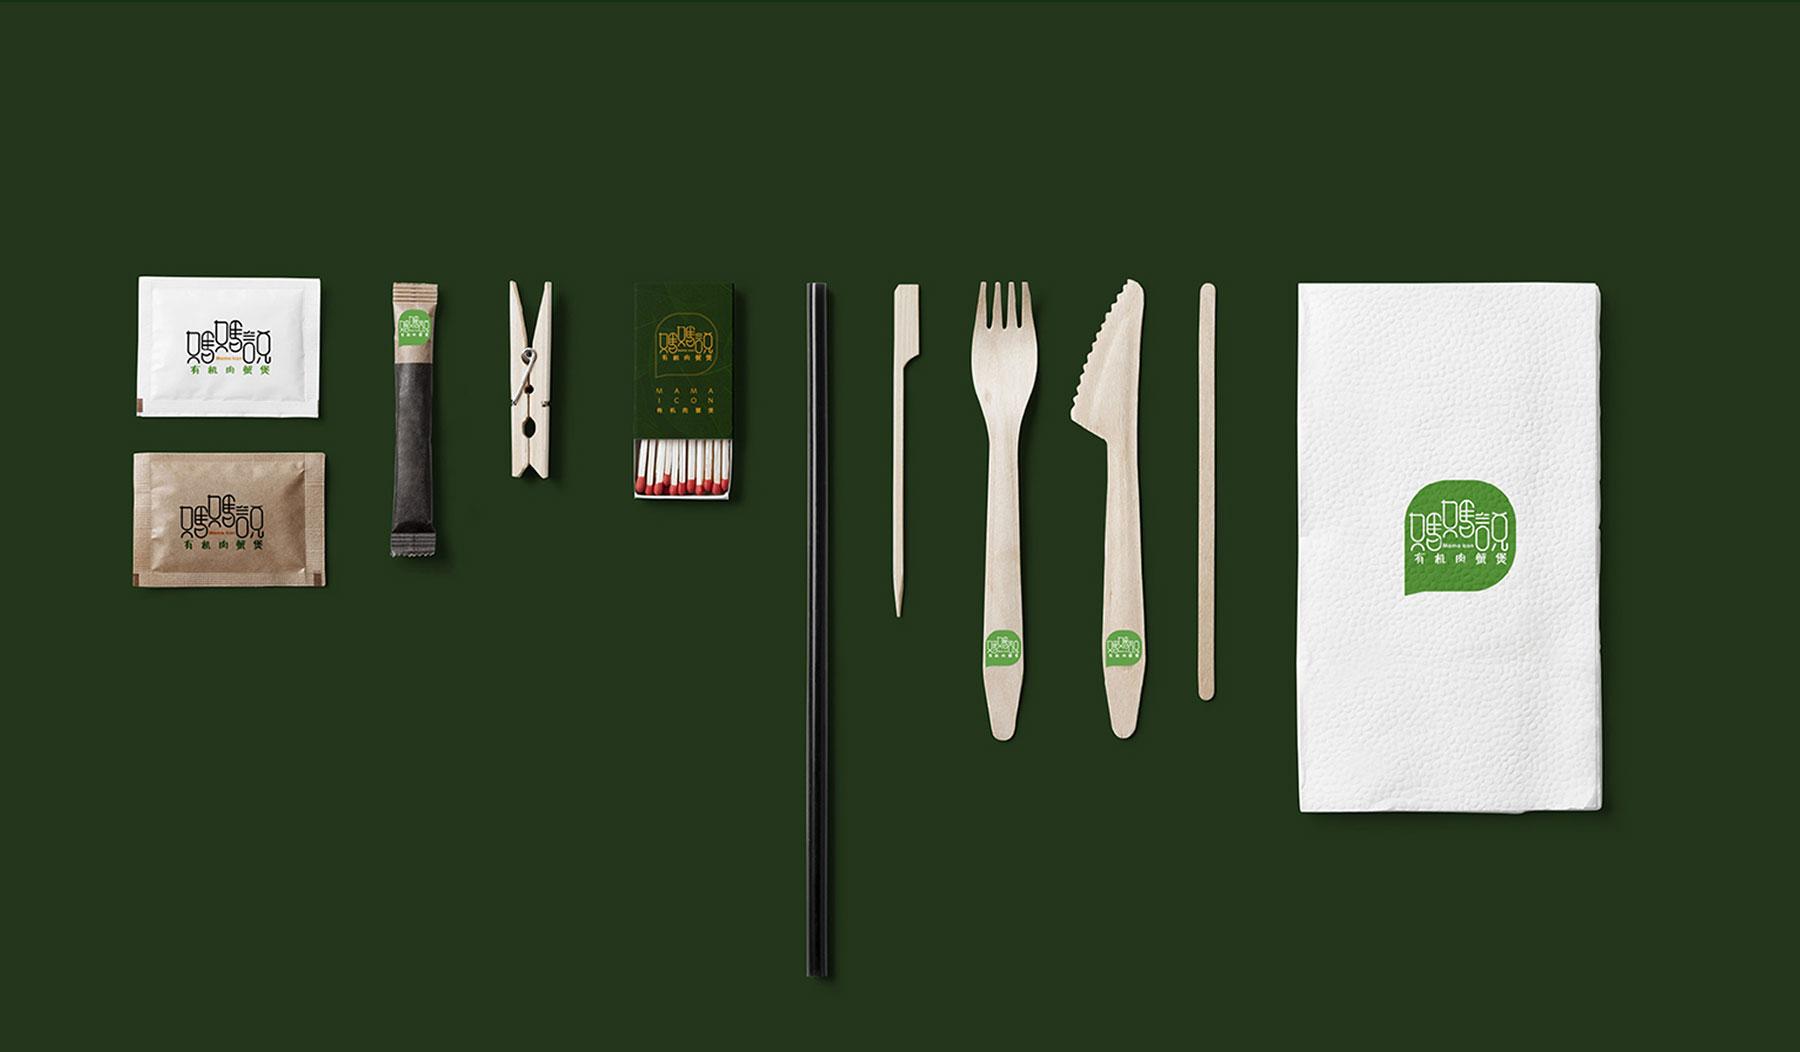 妈妈说肉蟹煲品牌全面升级:logo餐具印刷